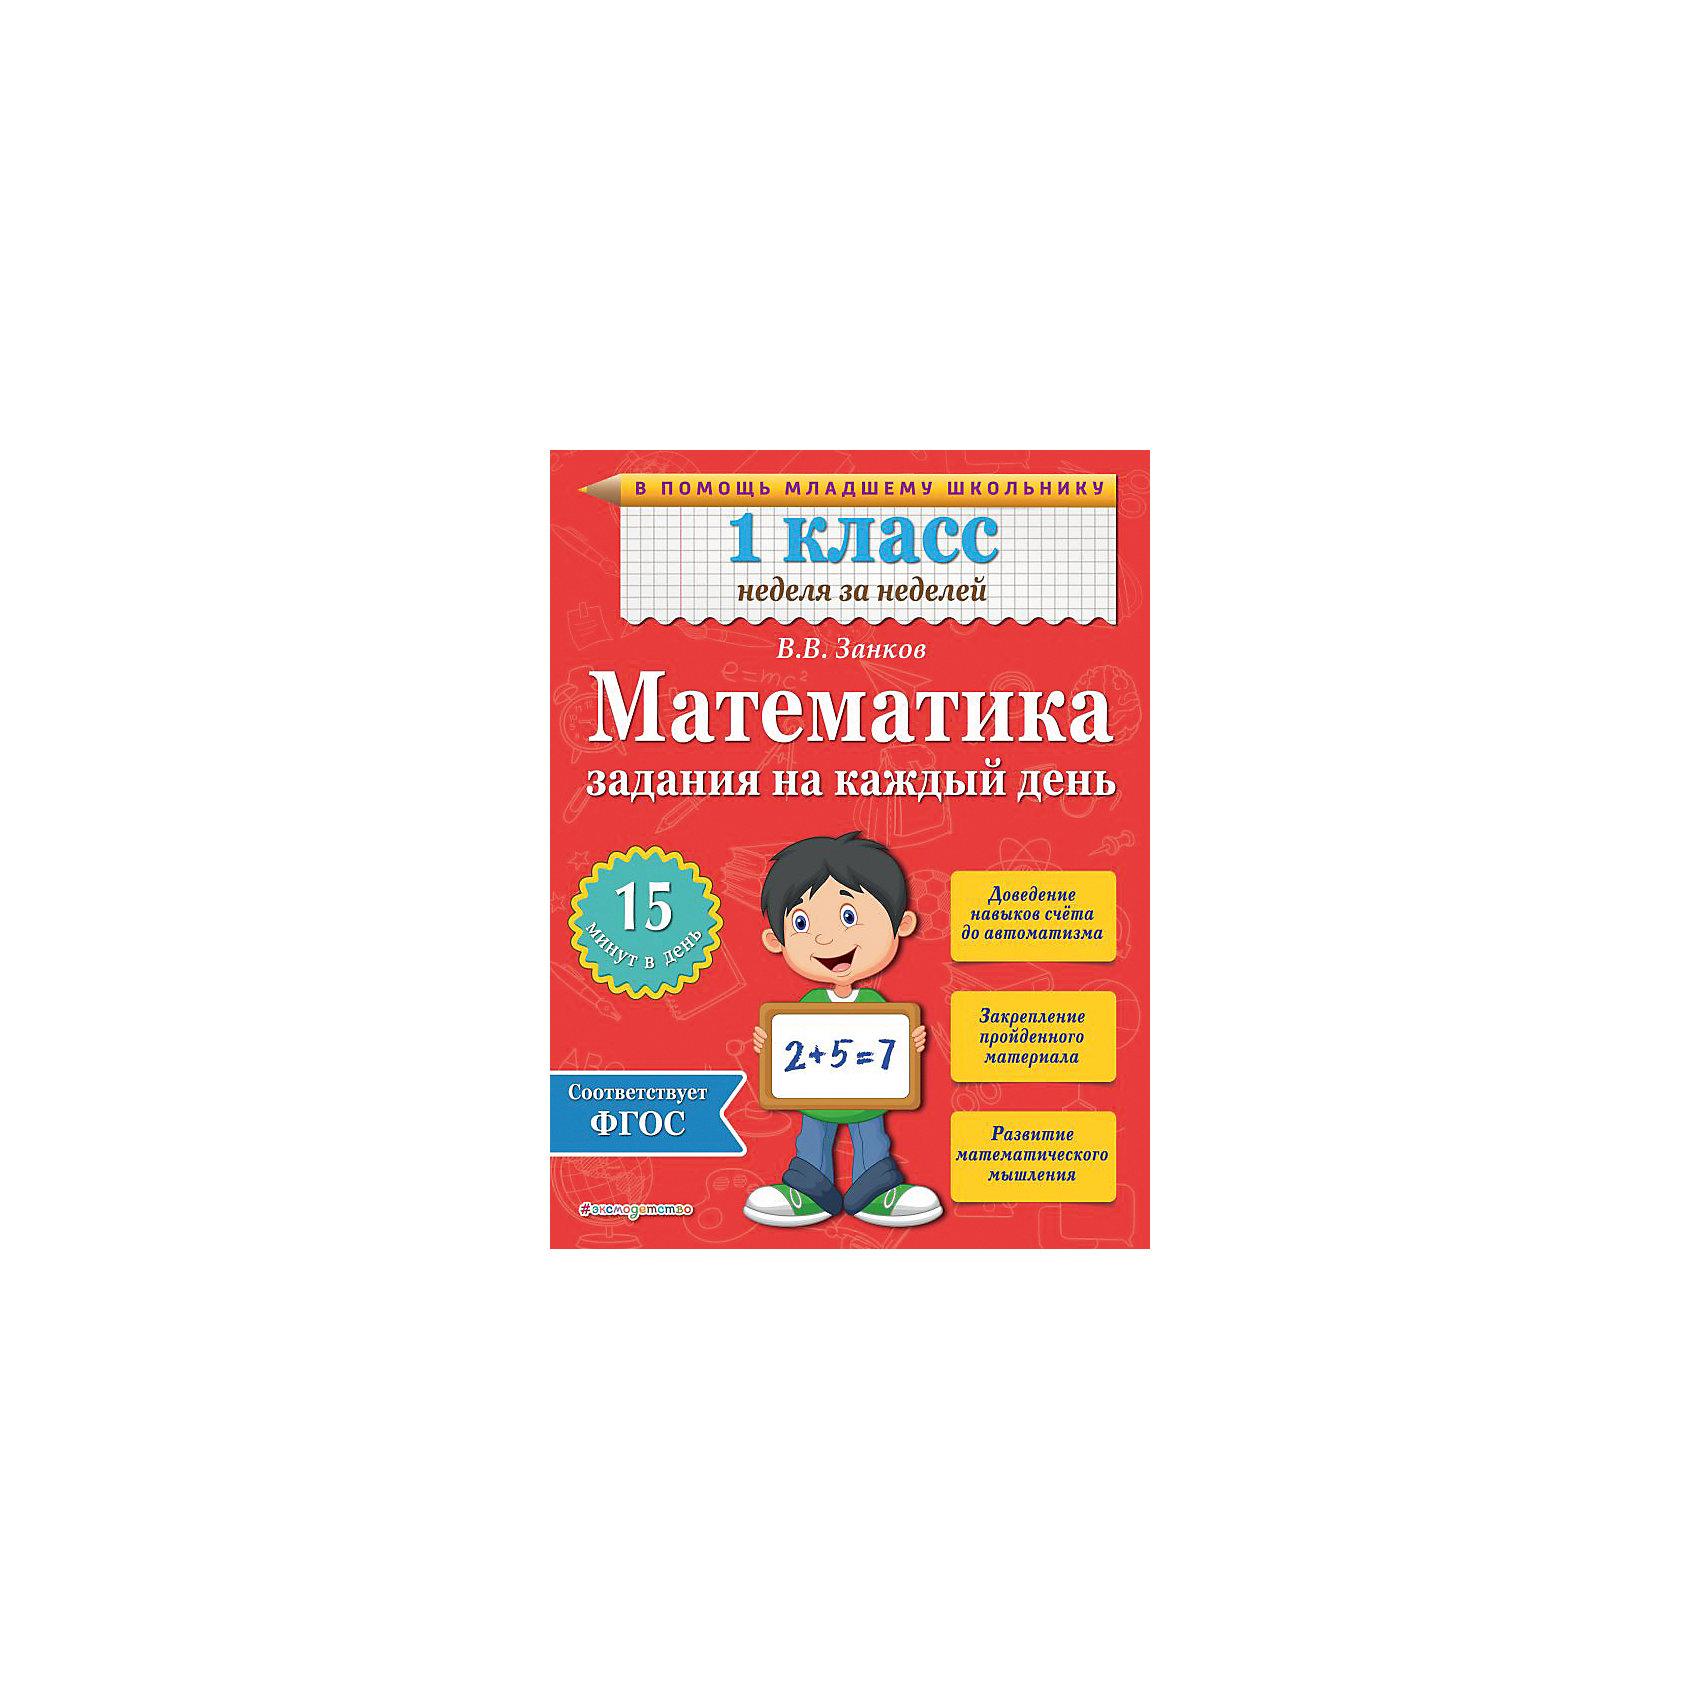 Математика: Задания на каждый день, 1 классОбучение счету<br>Пособие подготовлено в соответствии с требованиями Федерального государственного образовательного стандарта для начальной школы и может быть использовано  с любым из  действующих  учебников   по математике для   1-го  класса.<br>       Занимаясь 15-20 минут в день, учащиеся смогут закрепить навыки решения примеров на сложение и вычитание в пределах 20 и задач в одно и два действия, научатся понимать и принимать учебную задачу, анализировать информацию. <br>      Пособие поможет родителям и педагогам организовать эффективную пошаговую подготовку школьника.<br><br>Ширина мм: 280<br>Глубина мм: 210<br>Высота мм: 40<br>Вес г: 125<br>Возраст от месяцев: 72<br>Возраст до месяцев: 84<br>Пол: Унисекс<br>Возраст: Детский<br>SKU: 5535113